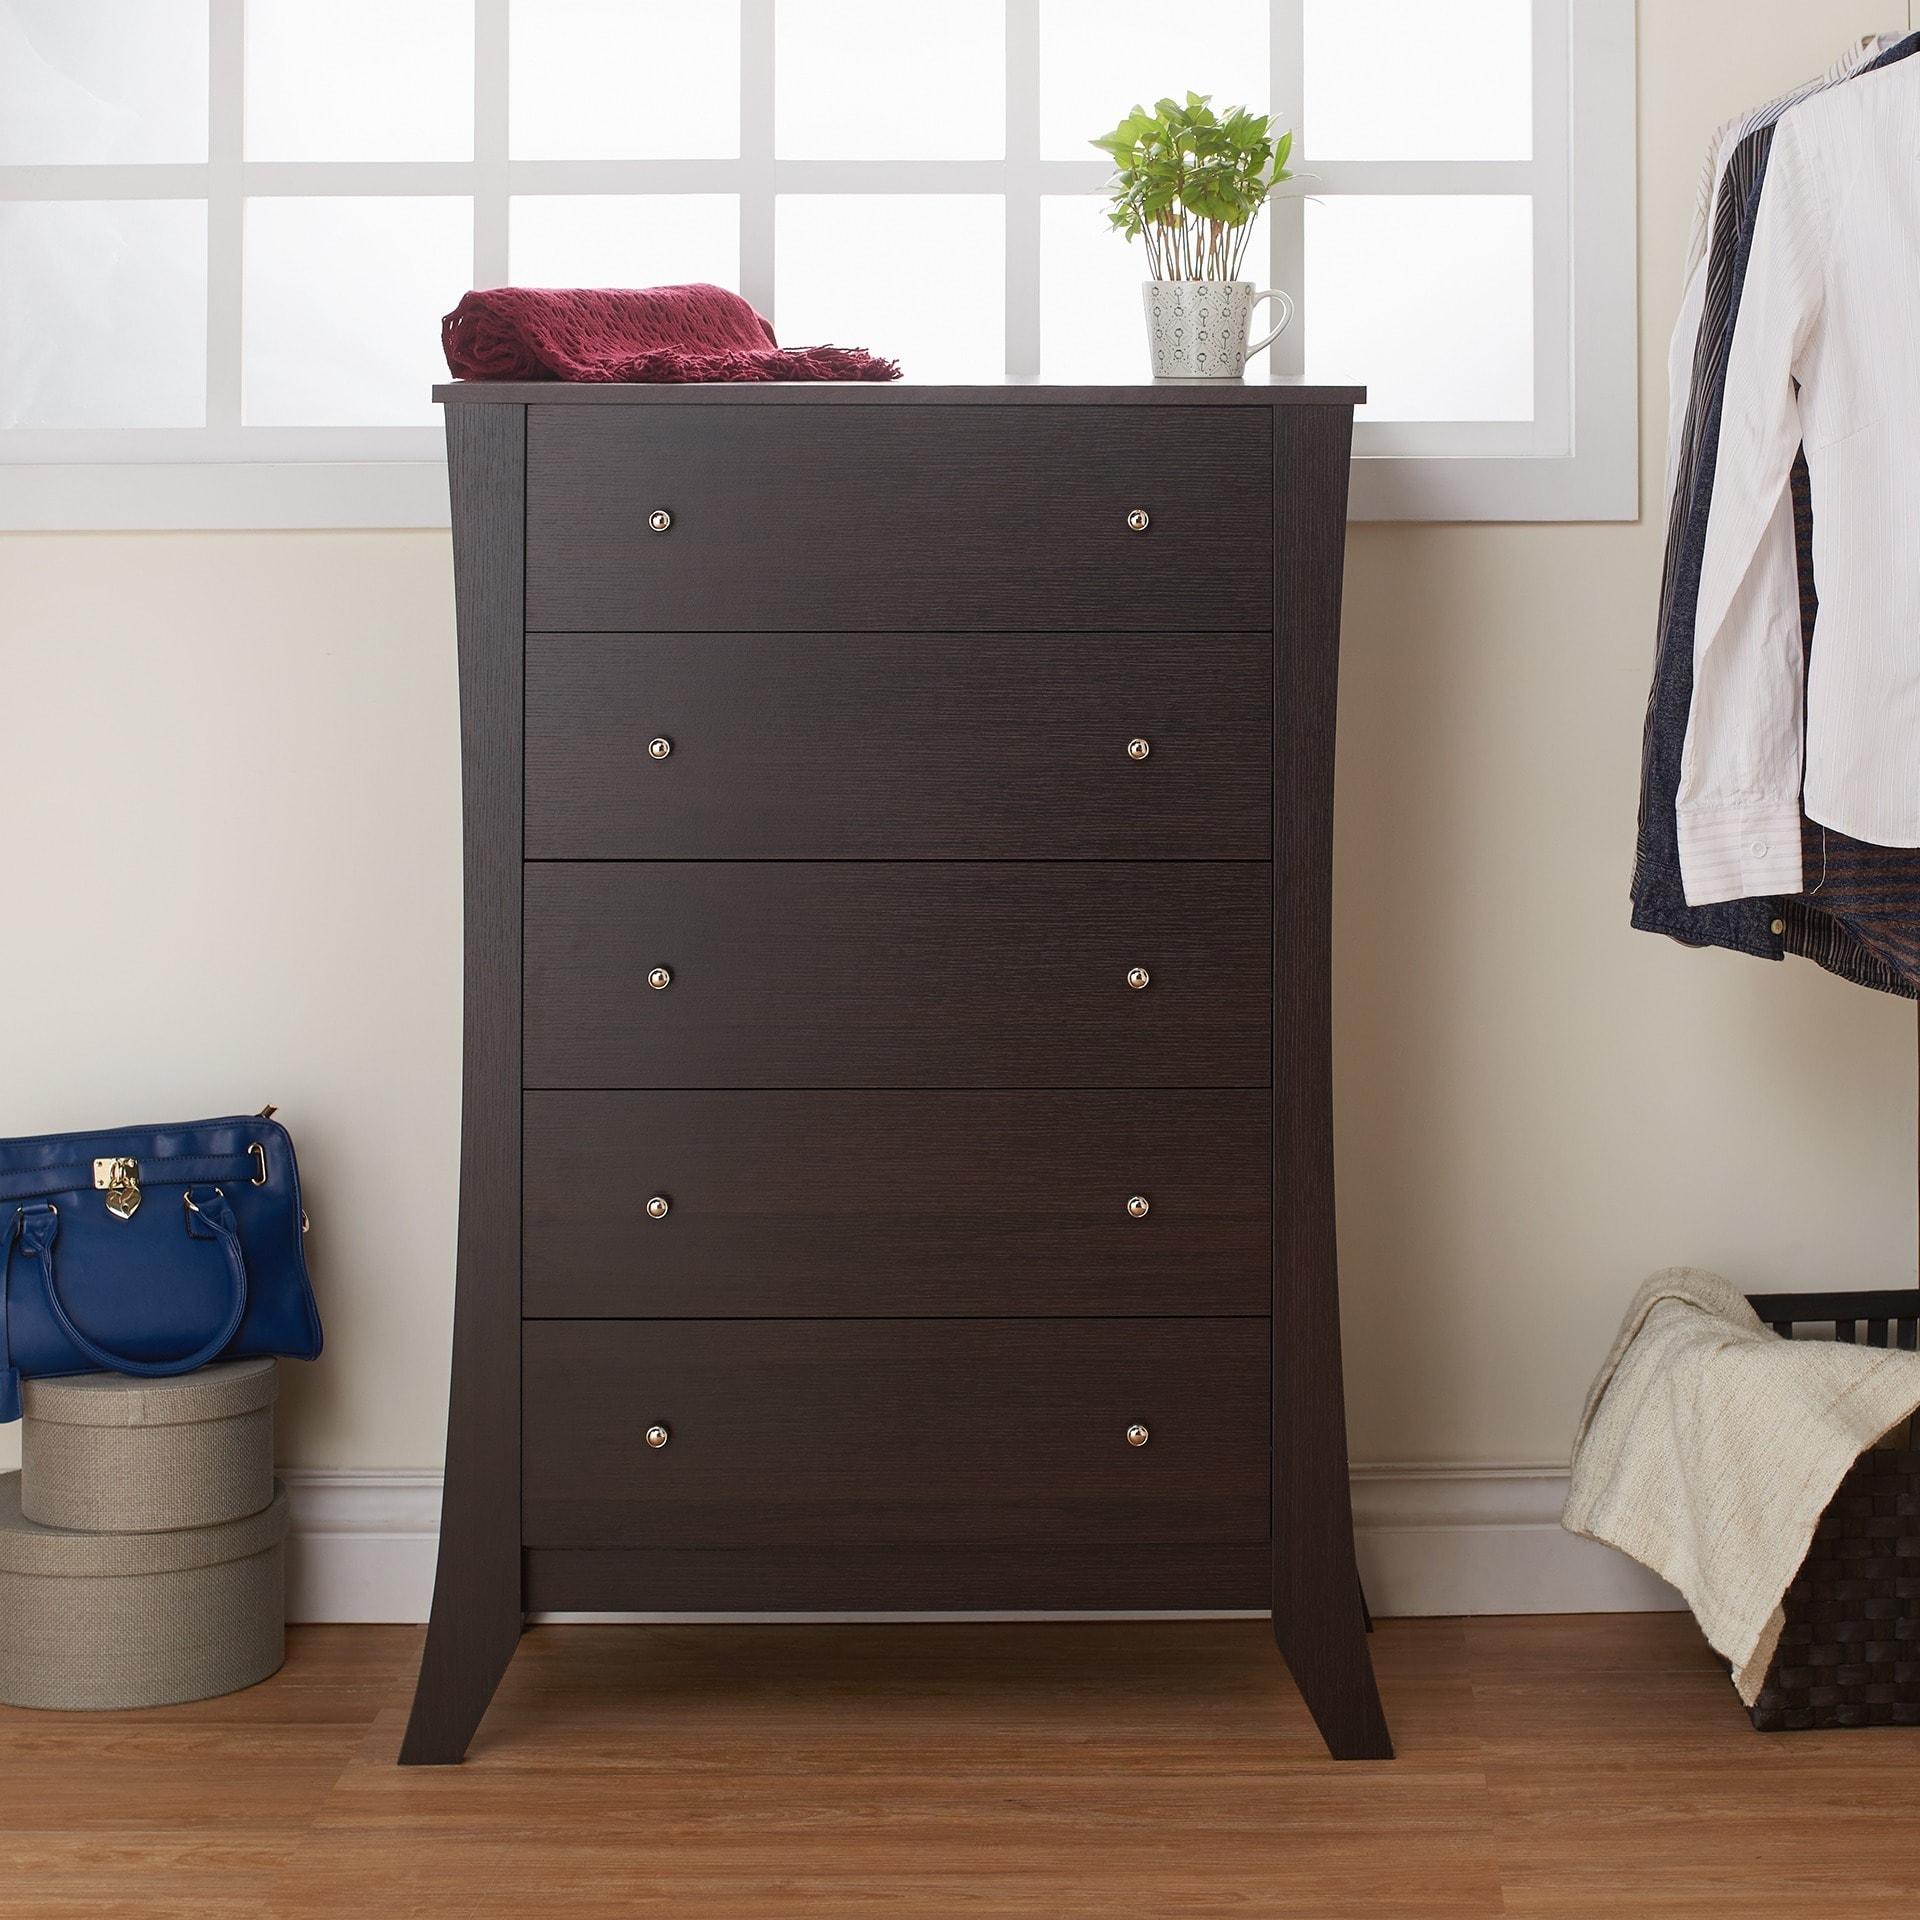 Furniture Of America Hamilton Espresso 5 Drawer Chest